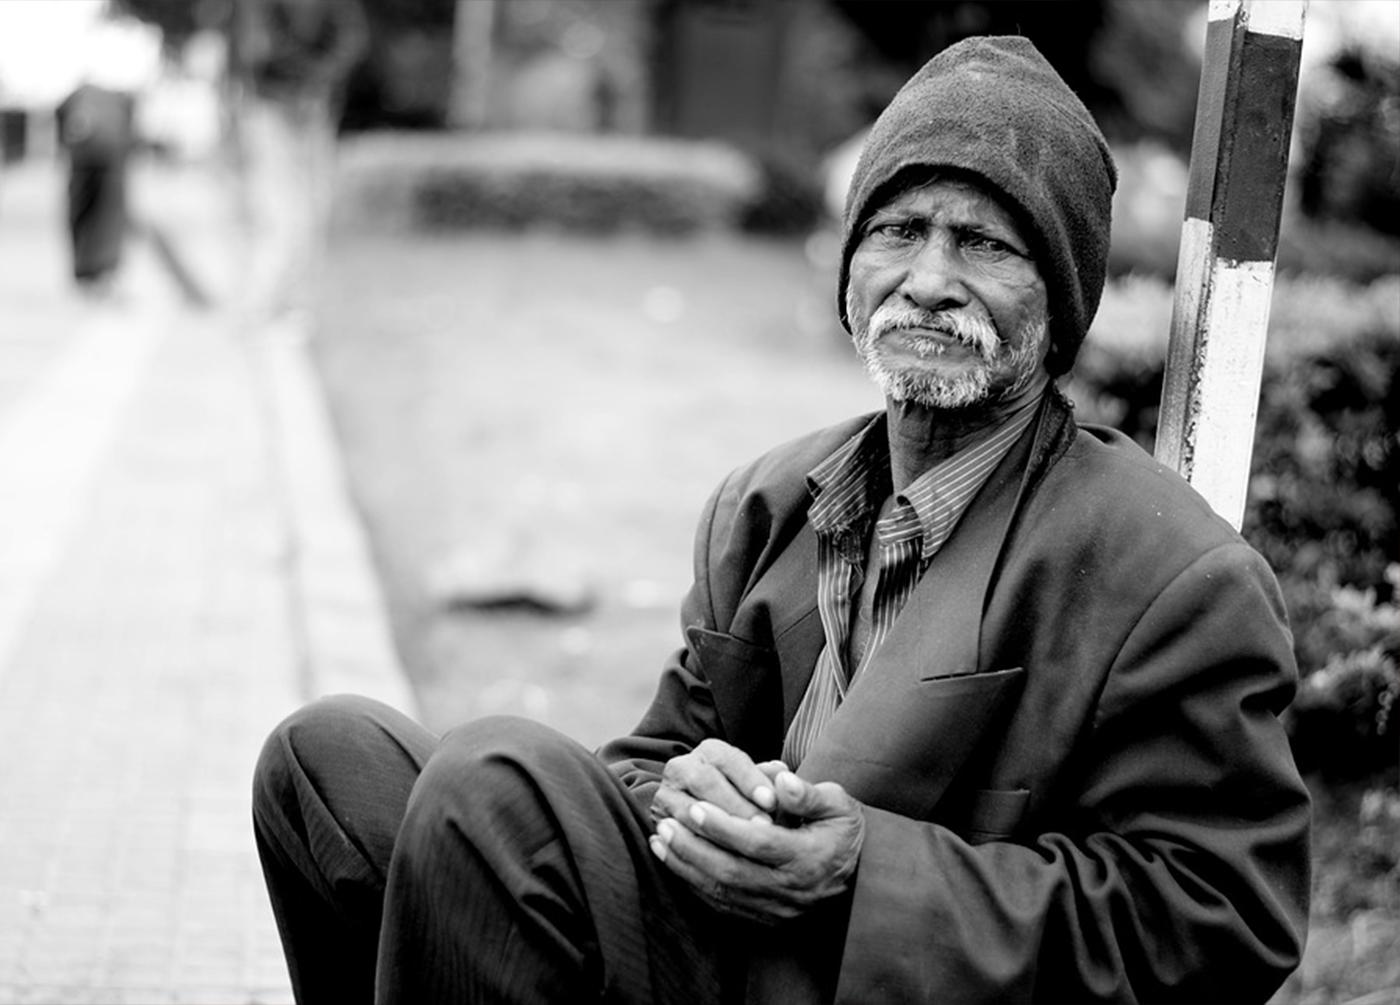 Persona indigente con sguardo dignitoso